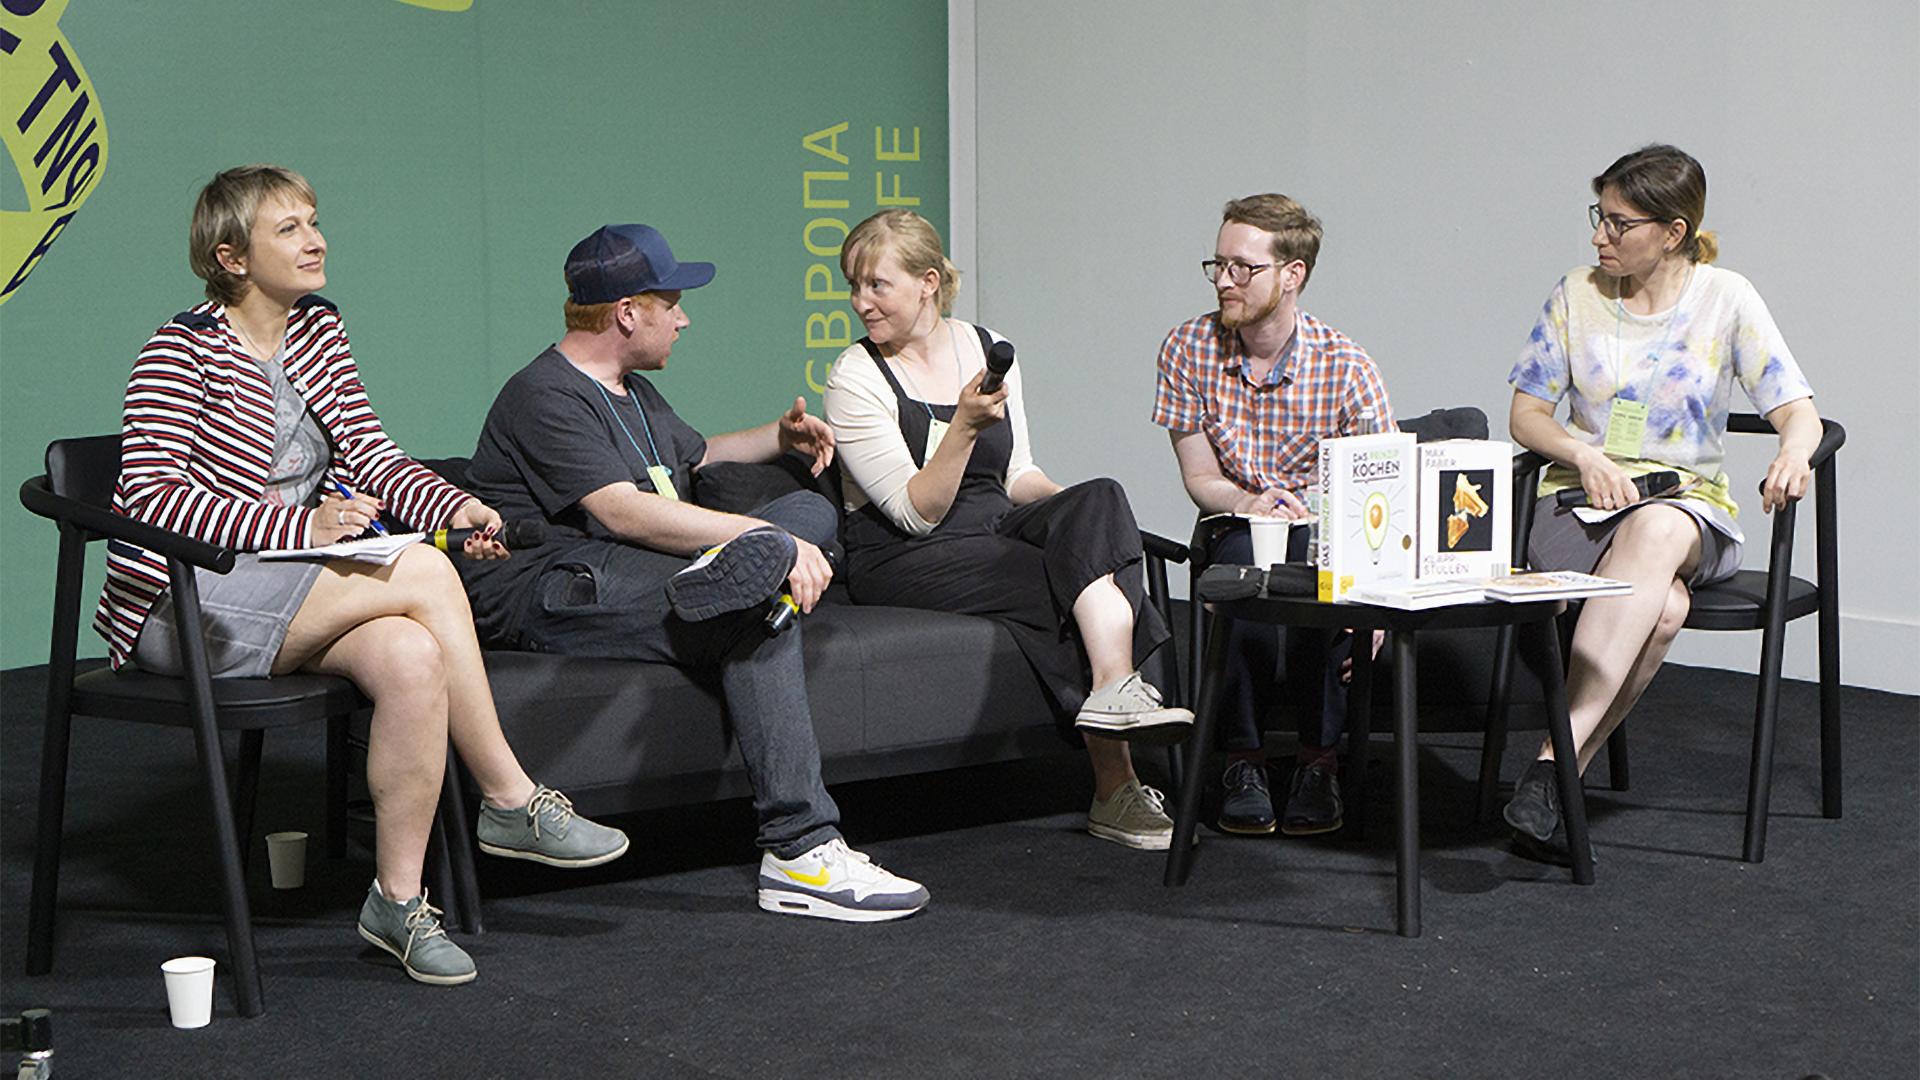 Фуд-стайлінг та попит на фуд-фотографію на німецькому видавничому ринку